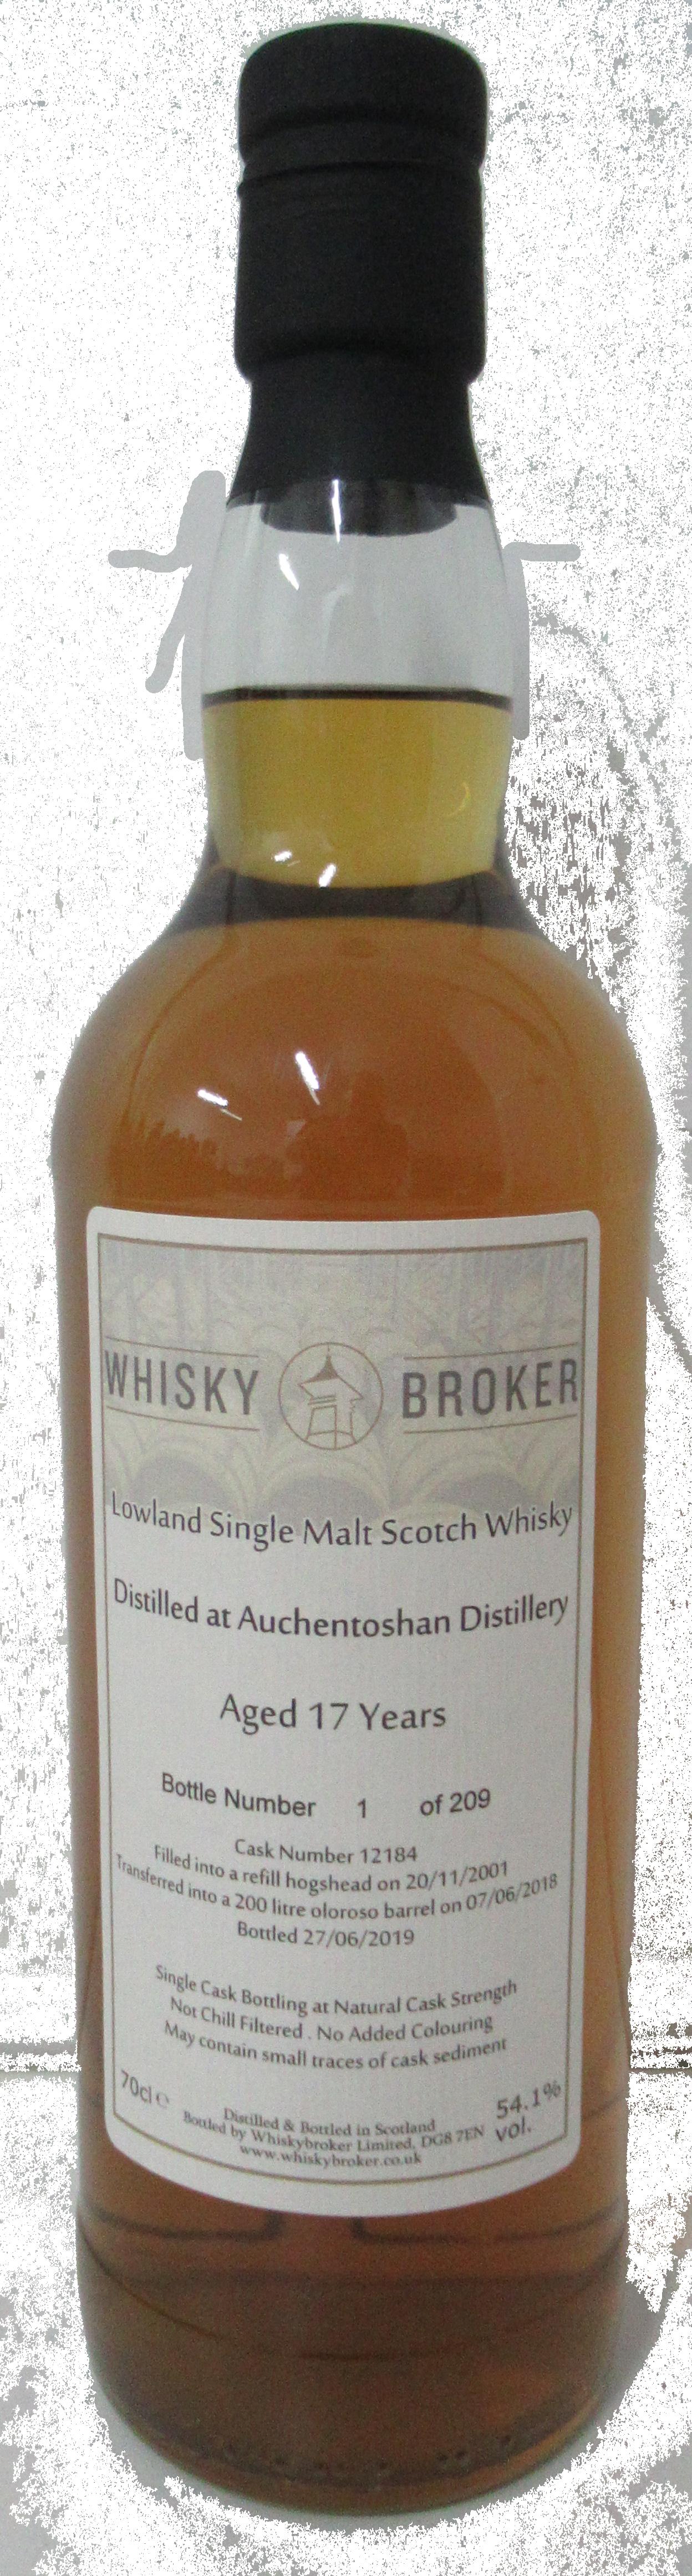 70cl, 17yo Distilled at Auchentoshan Distillery